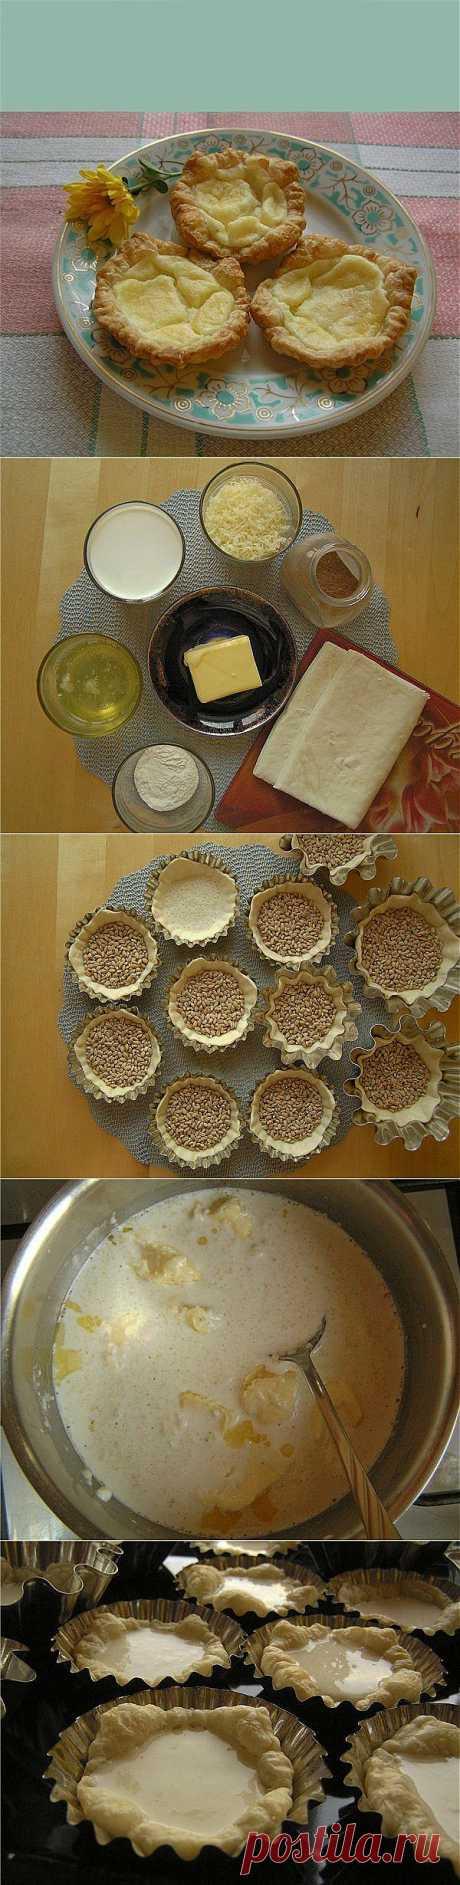 Простота и изыск пирожков с сыром